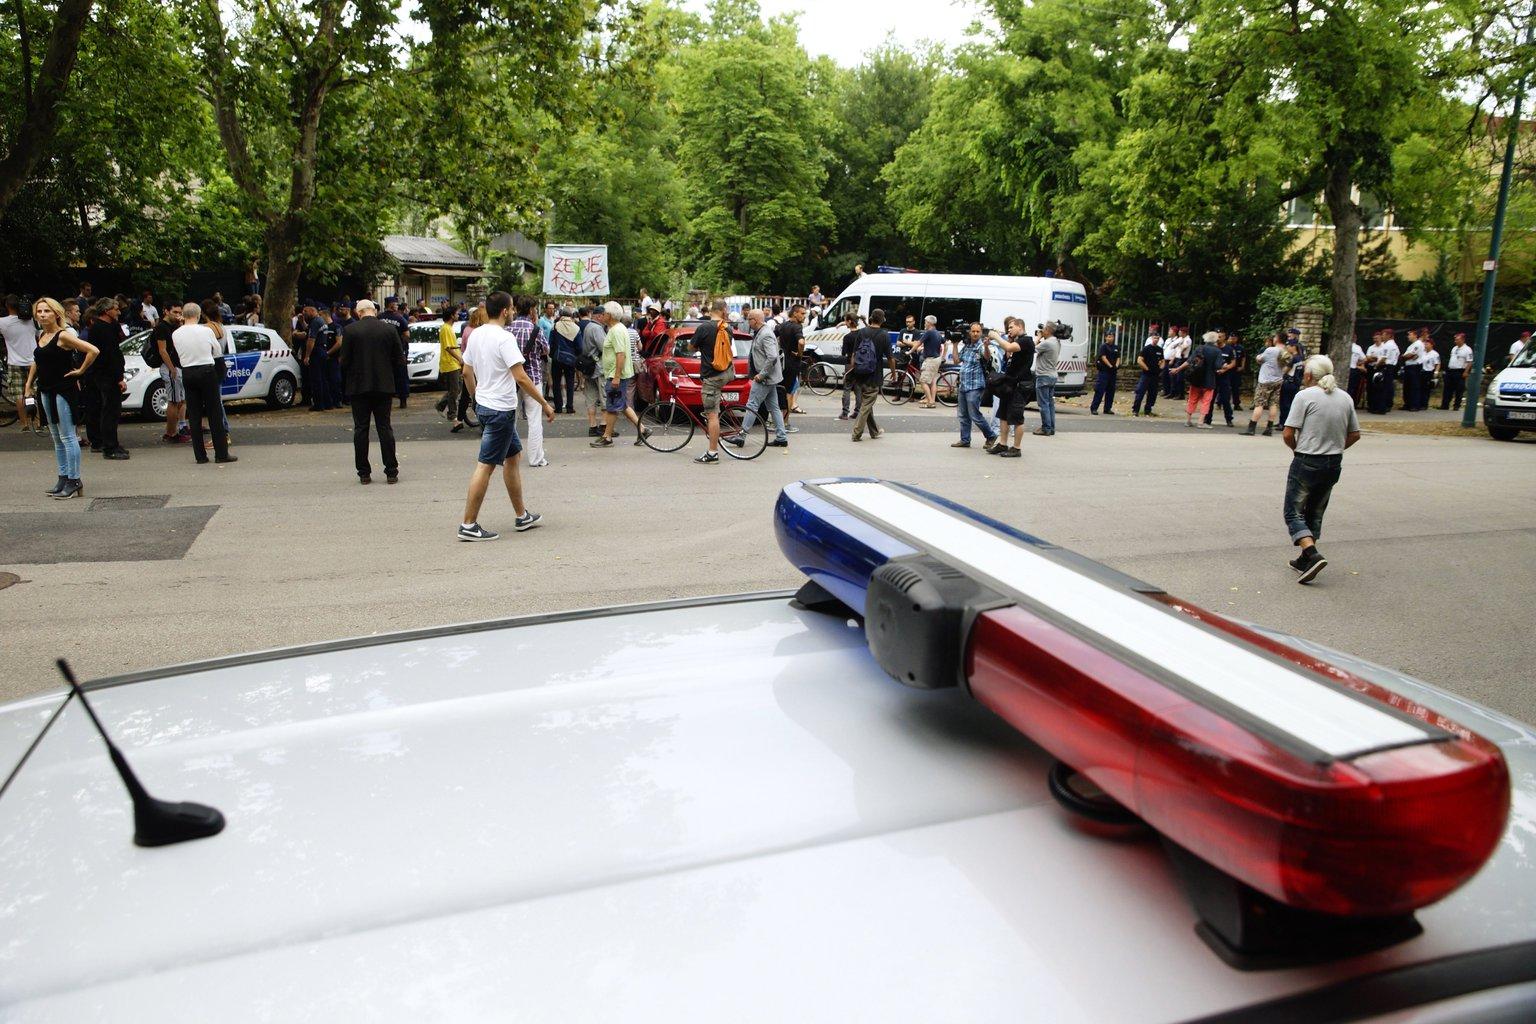 Rendőrök és a Ligetvédők a városligeti Hungexpo irodaházaknál július 6-án. MTI Fotó: Balogh Zoltán